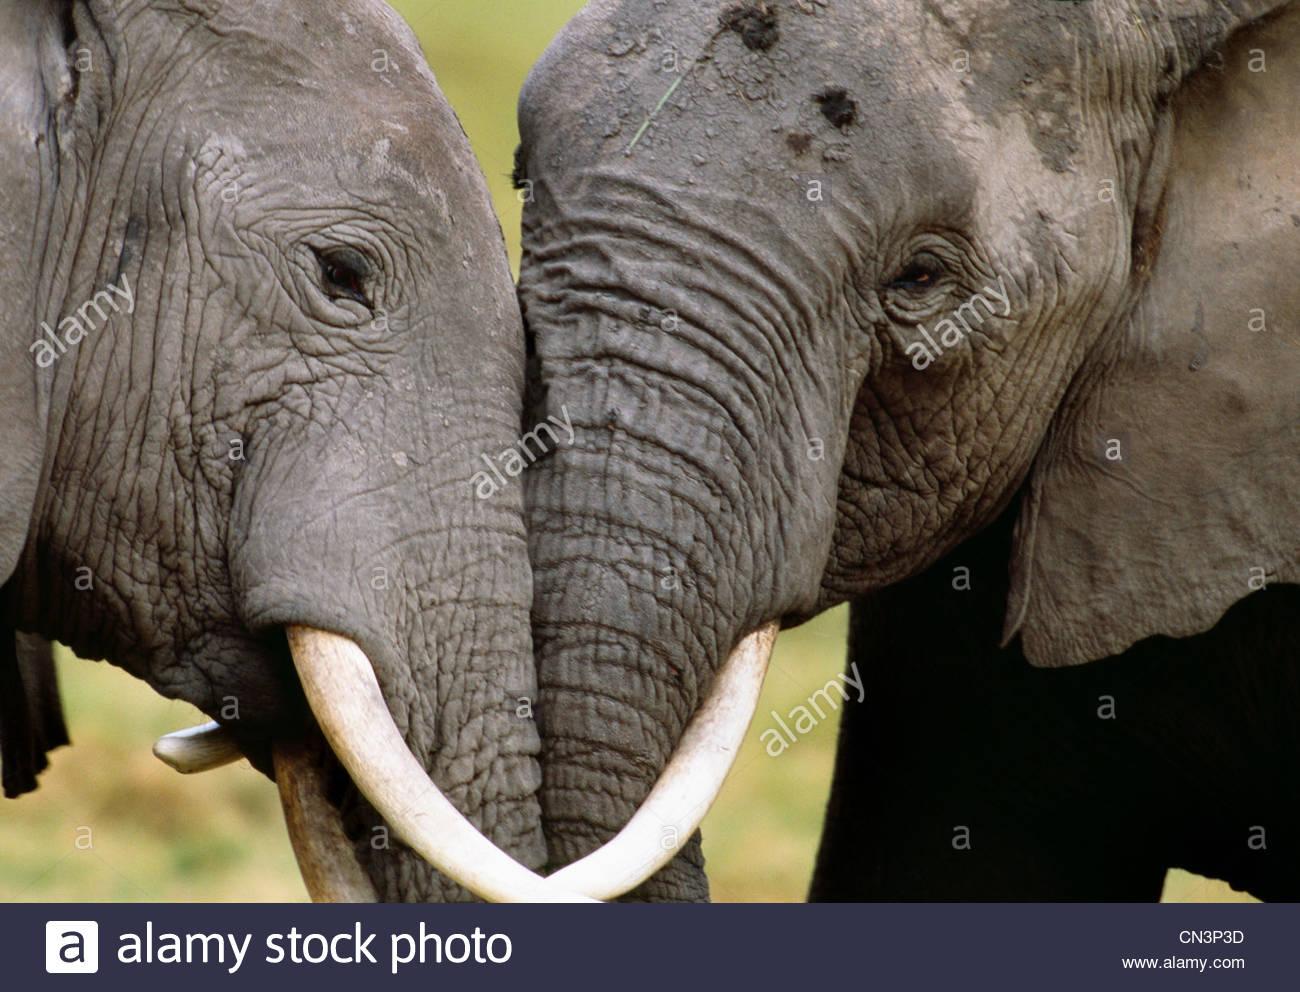 African elephants socializing, Amboseli National Park, Kenya - Stock Image